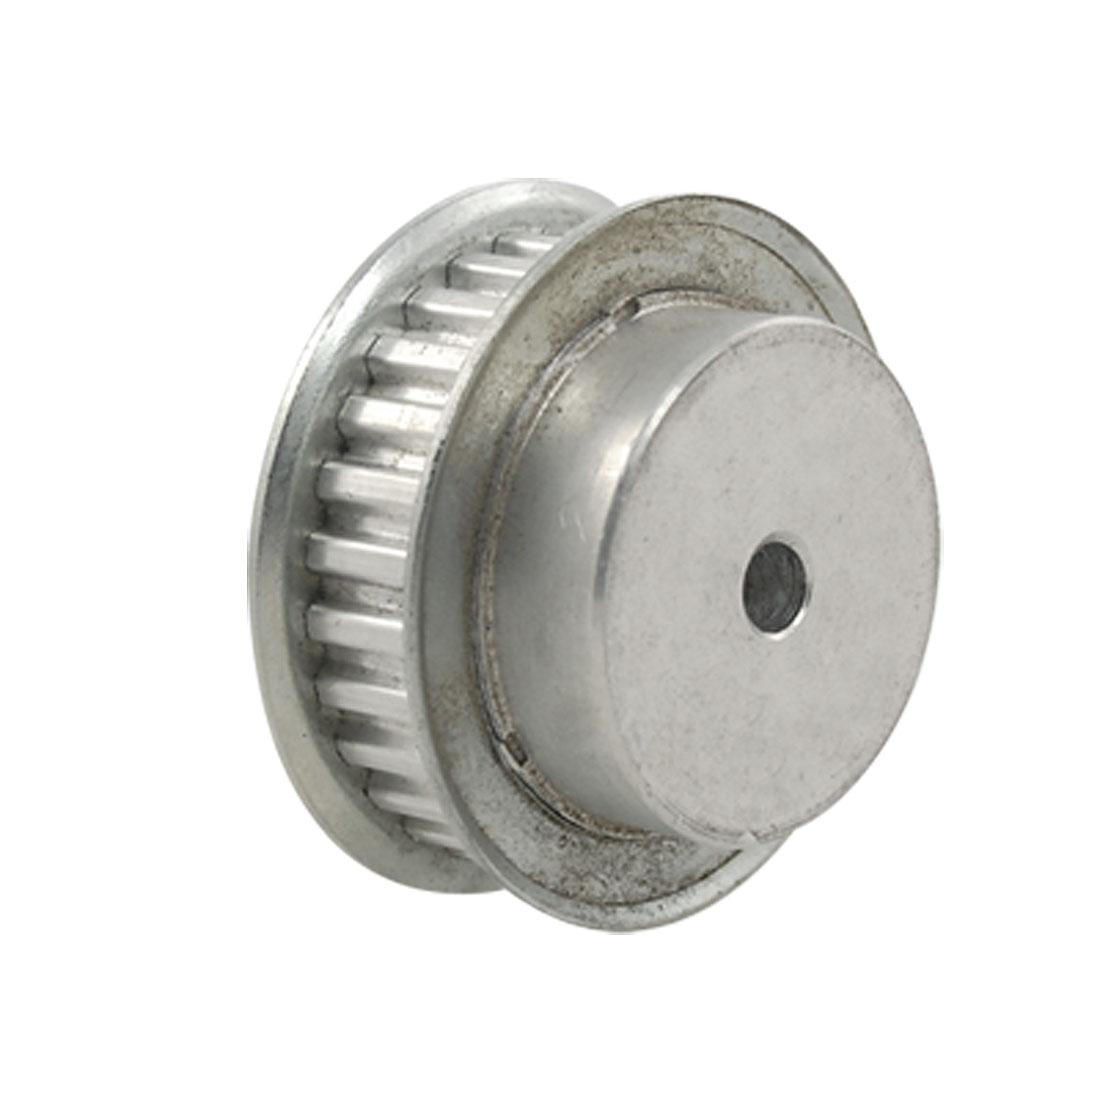 28XL037 Aluminum Timing Belt Pulley 28T 6mm Bore 2 Flanges